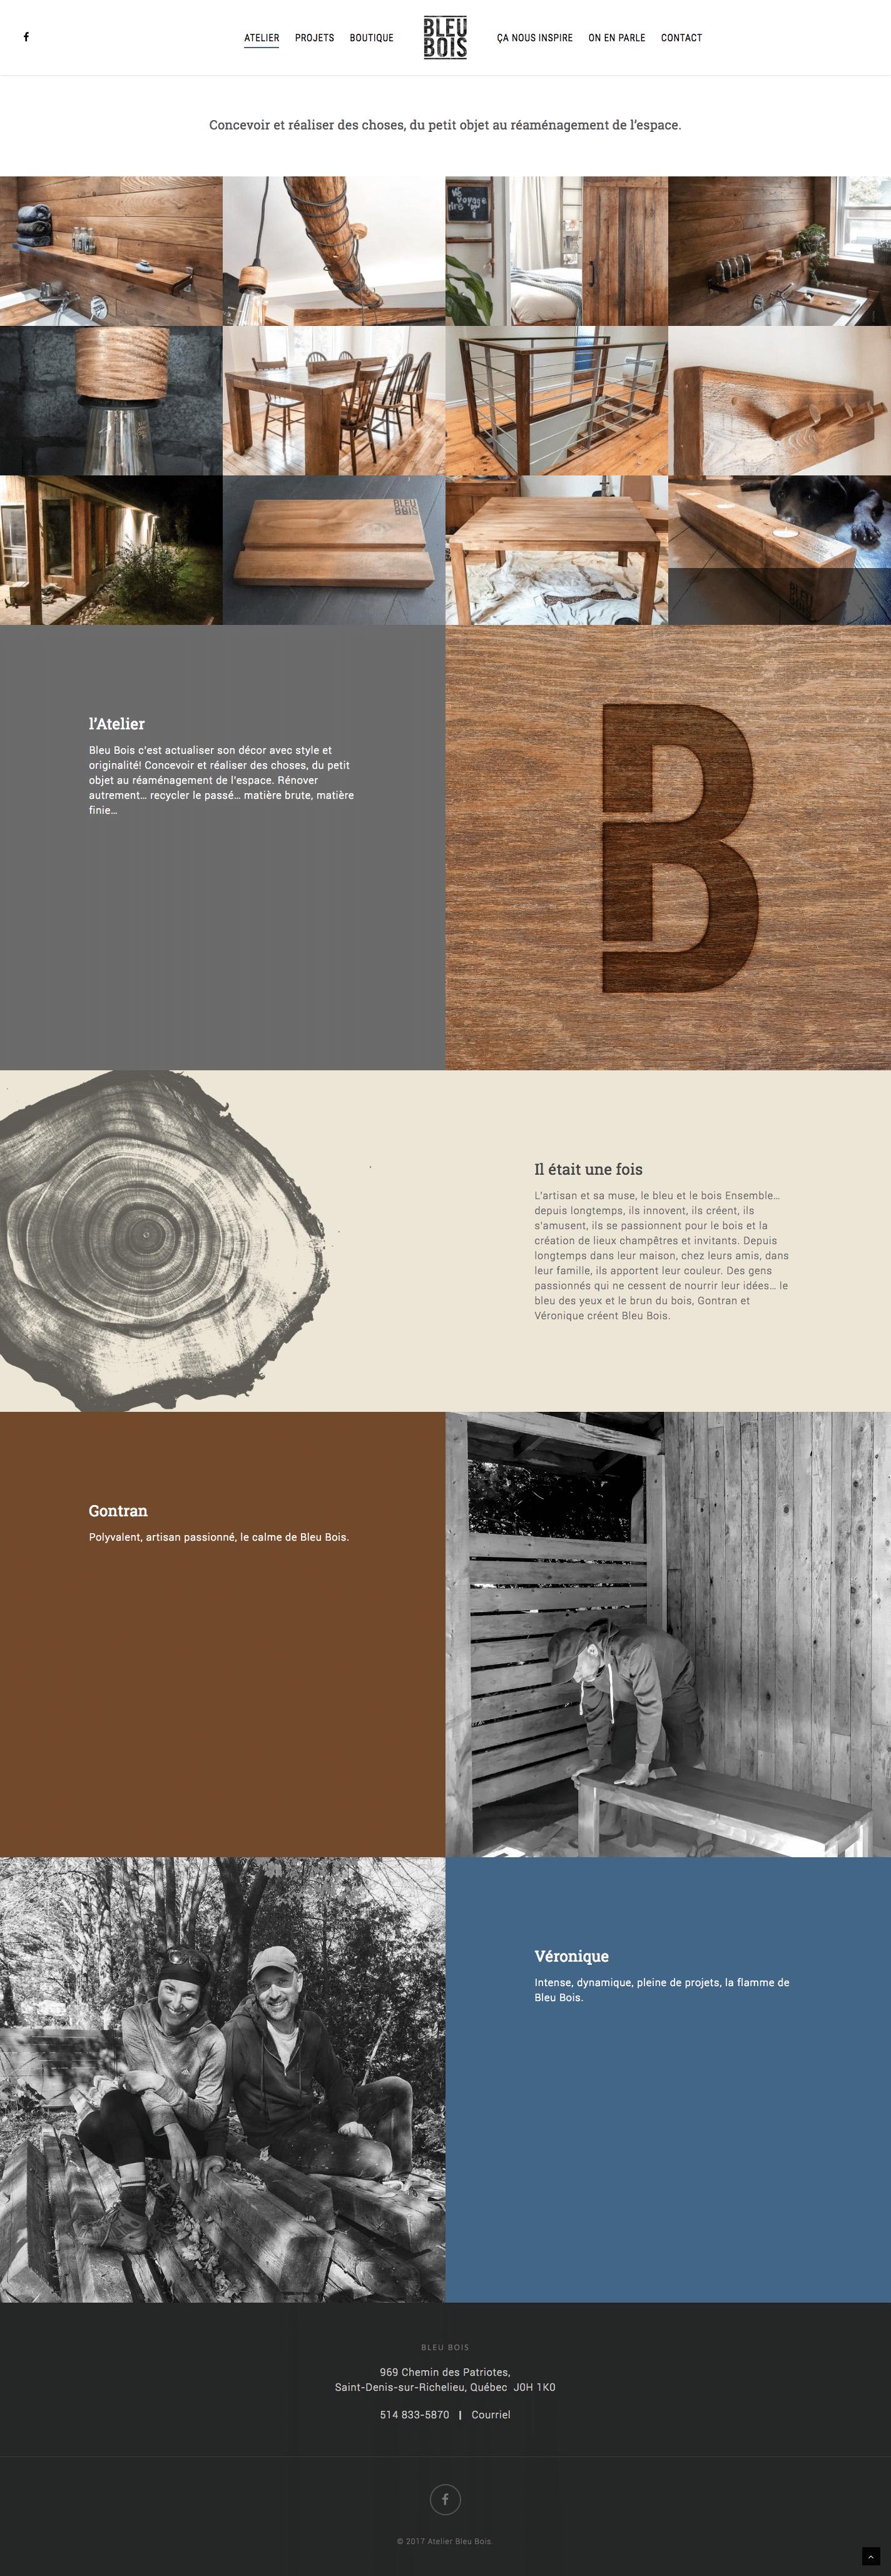 accueil_atelier_bleu_bois_site-web Bleu Bois - Site Web